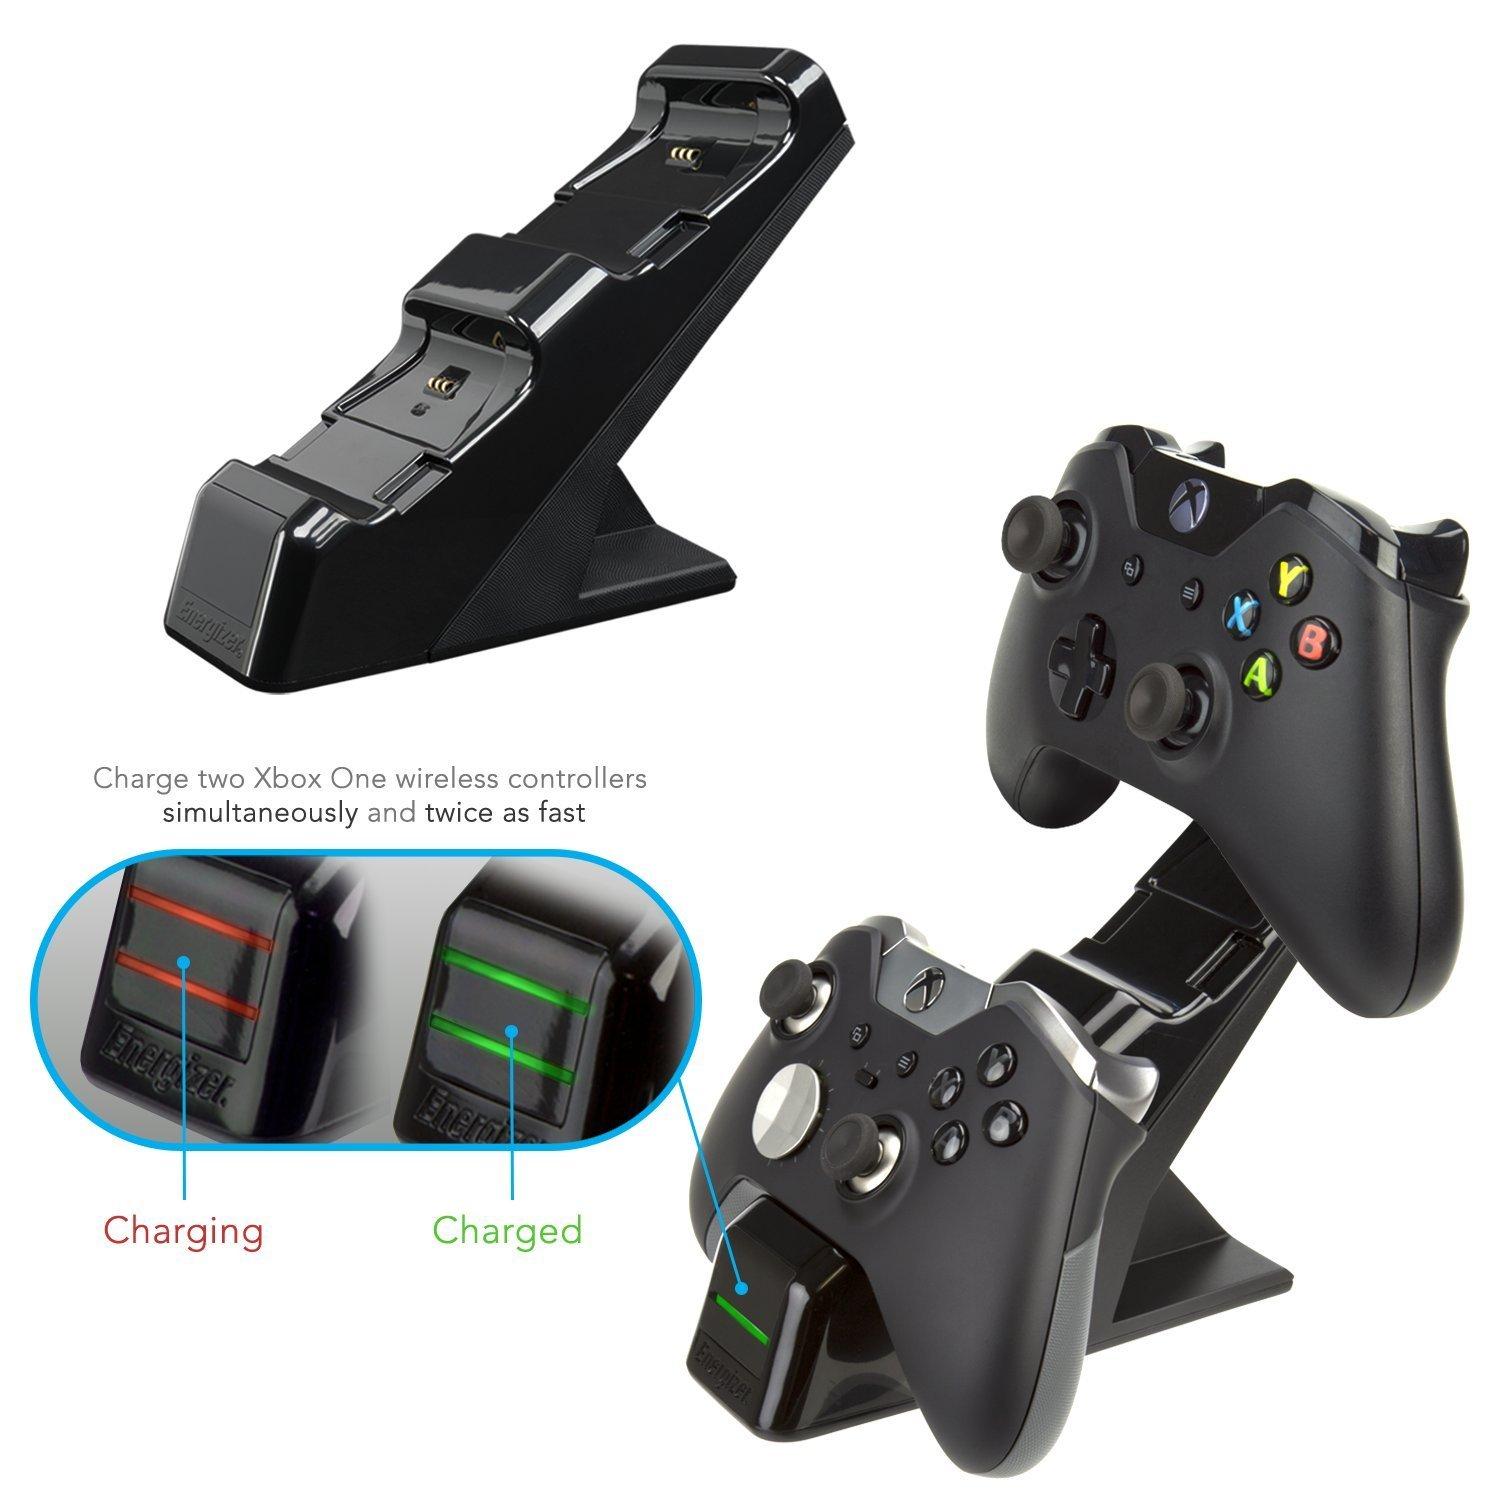 Energizer Chargeur de manettes 2 x avec batterie rechargeable sans fil pour Xbox One noir